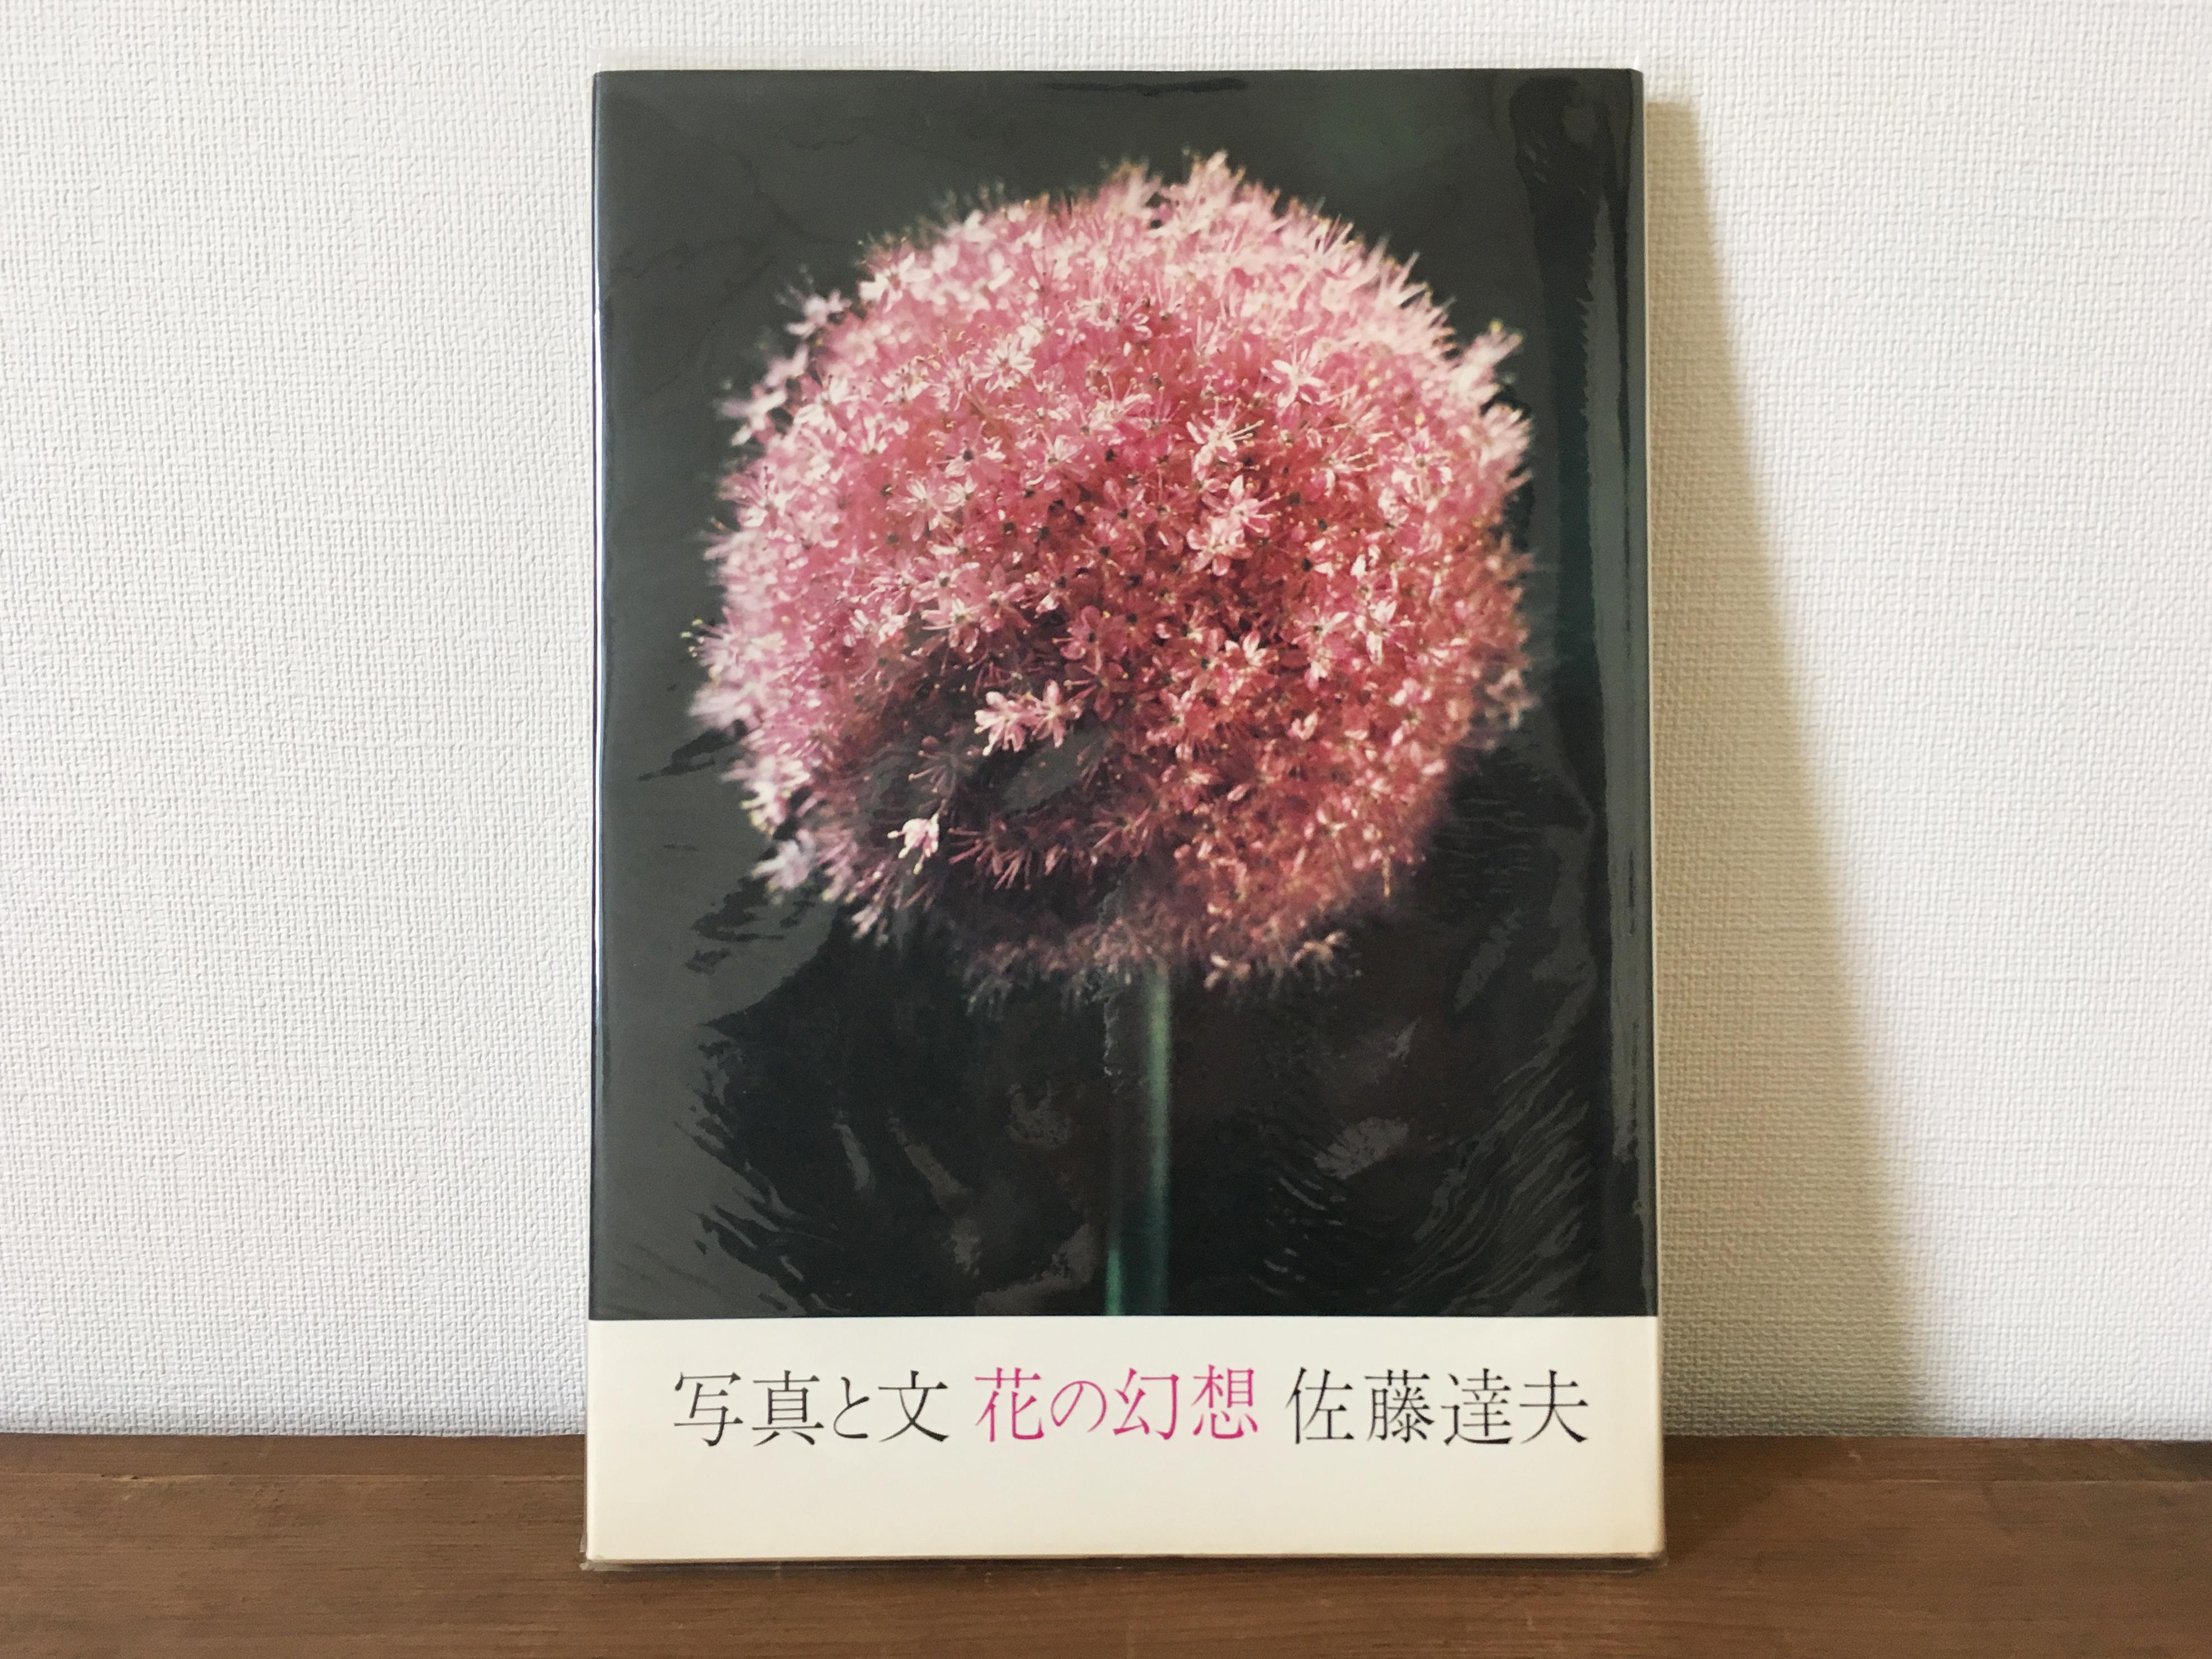 [古本]写真と文 花の幻想 / 佐藤達夫